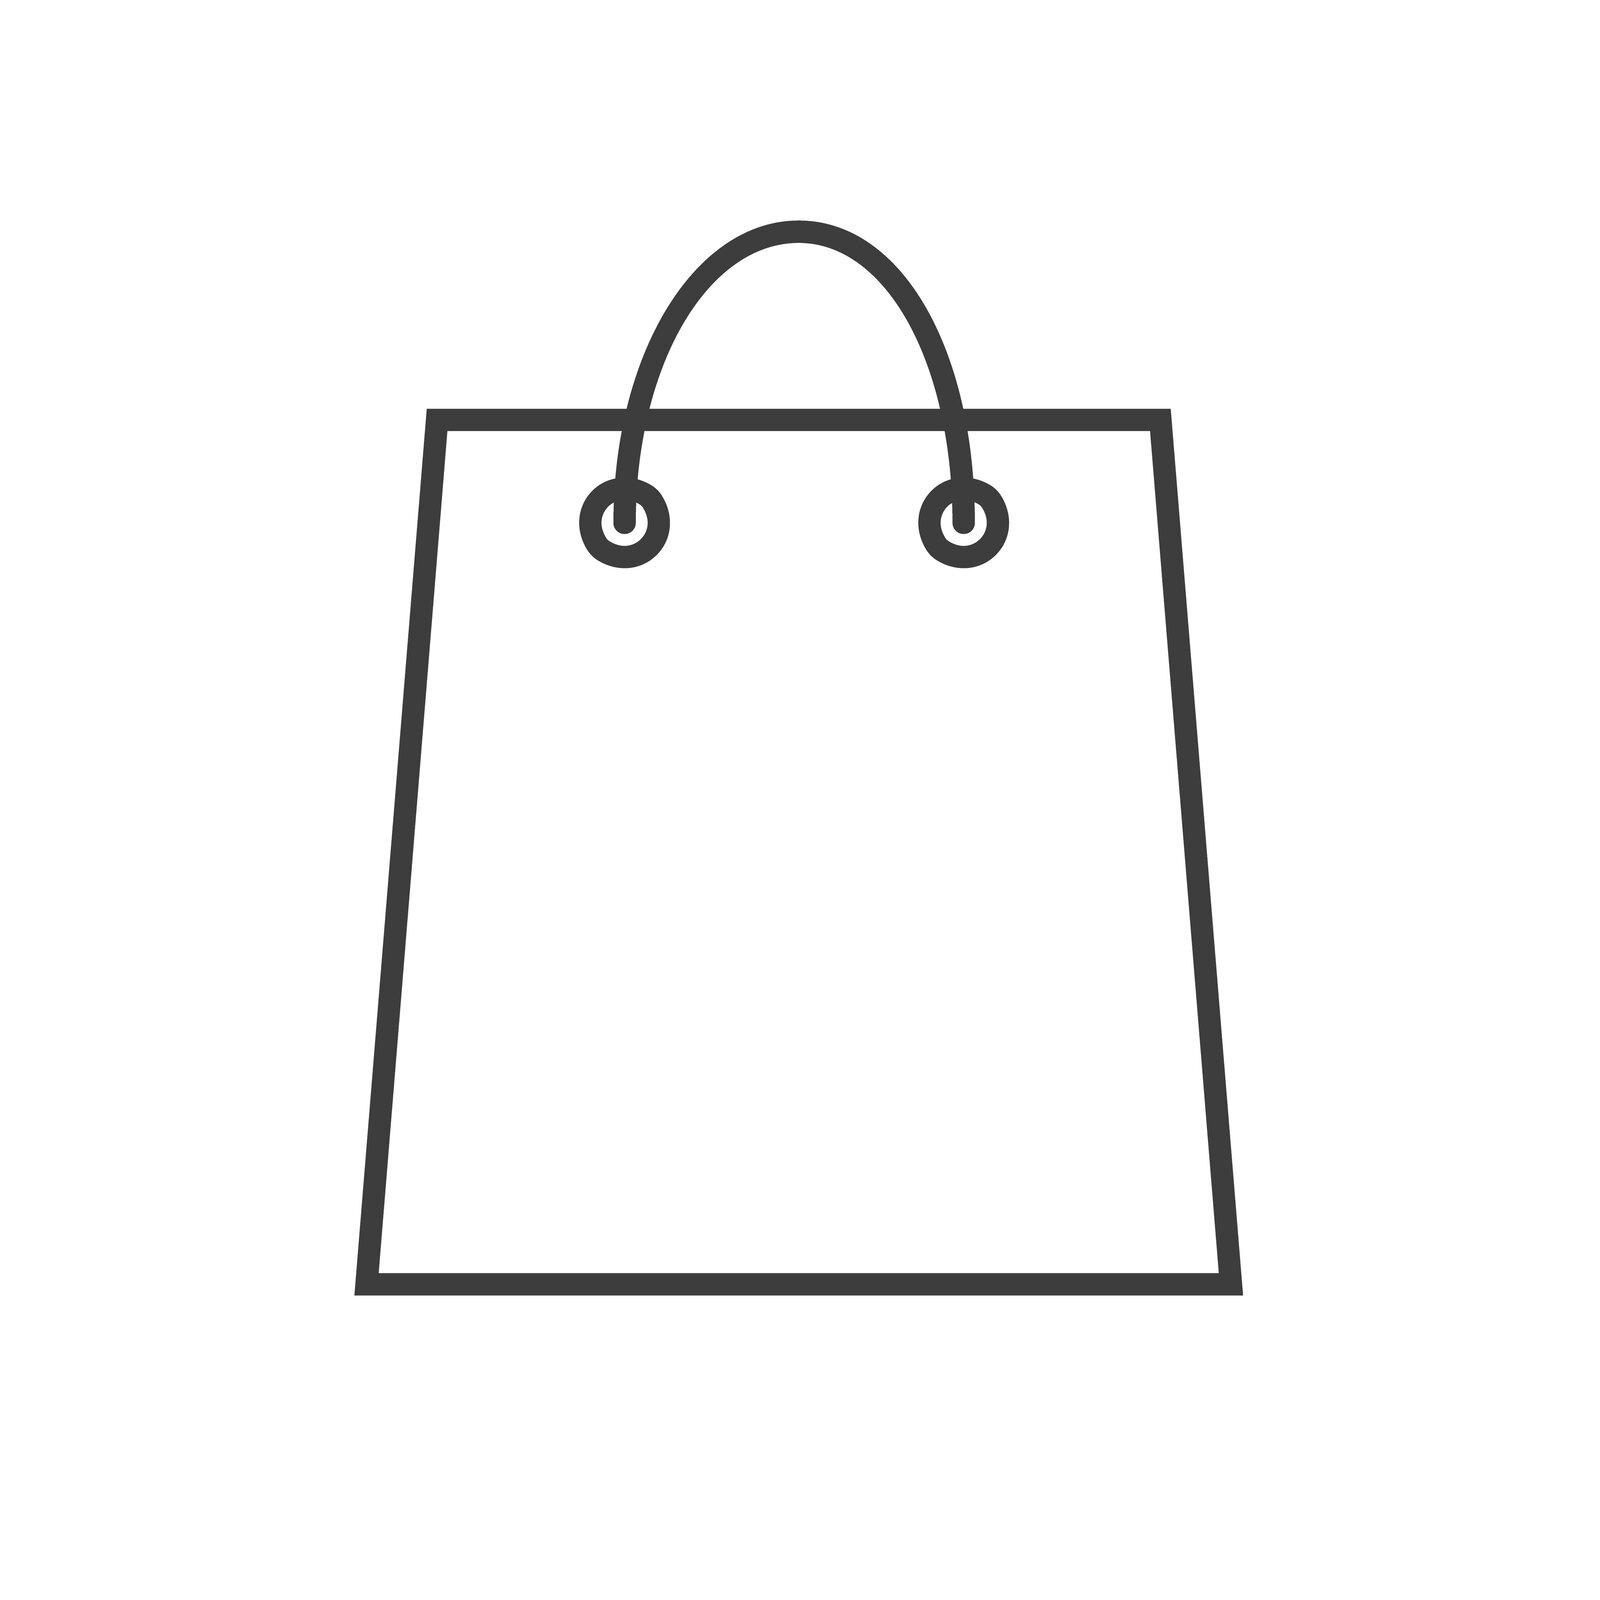 zdjęcie przedstawia kontur torby na zakupy. Ma ona trapezowy kształt. Wgórnej części znajdują się dwa otwory, przez które przełożone są rączki.